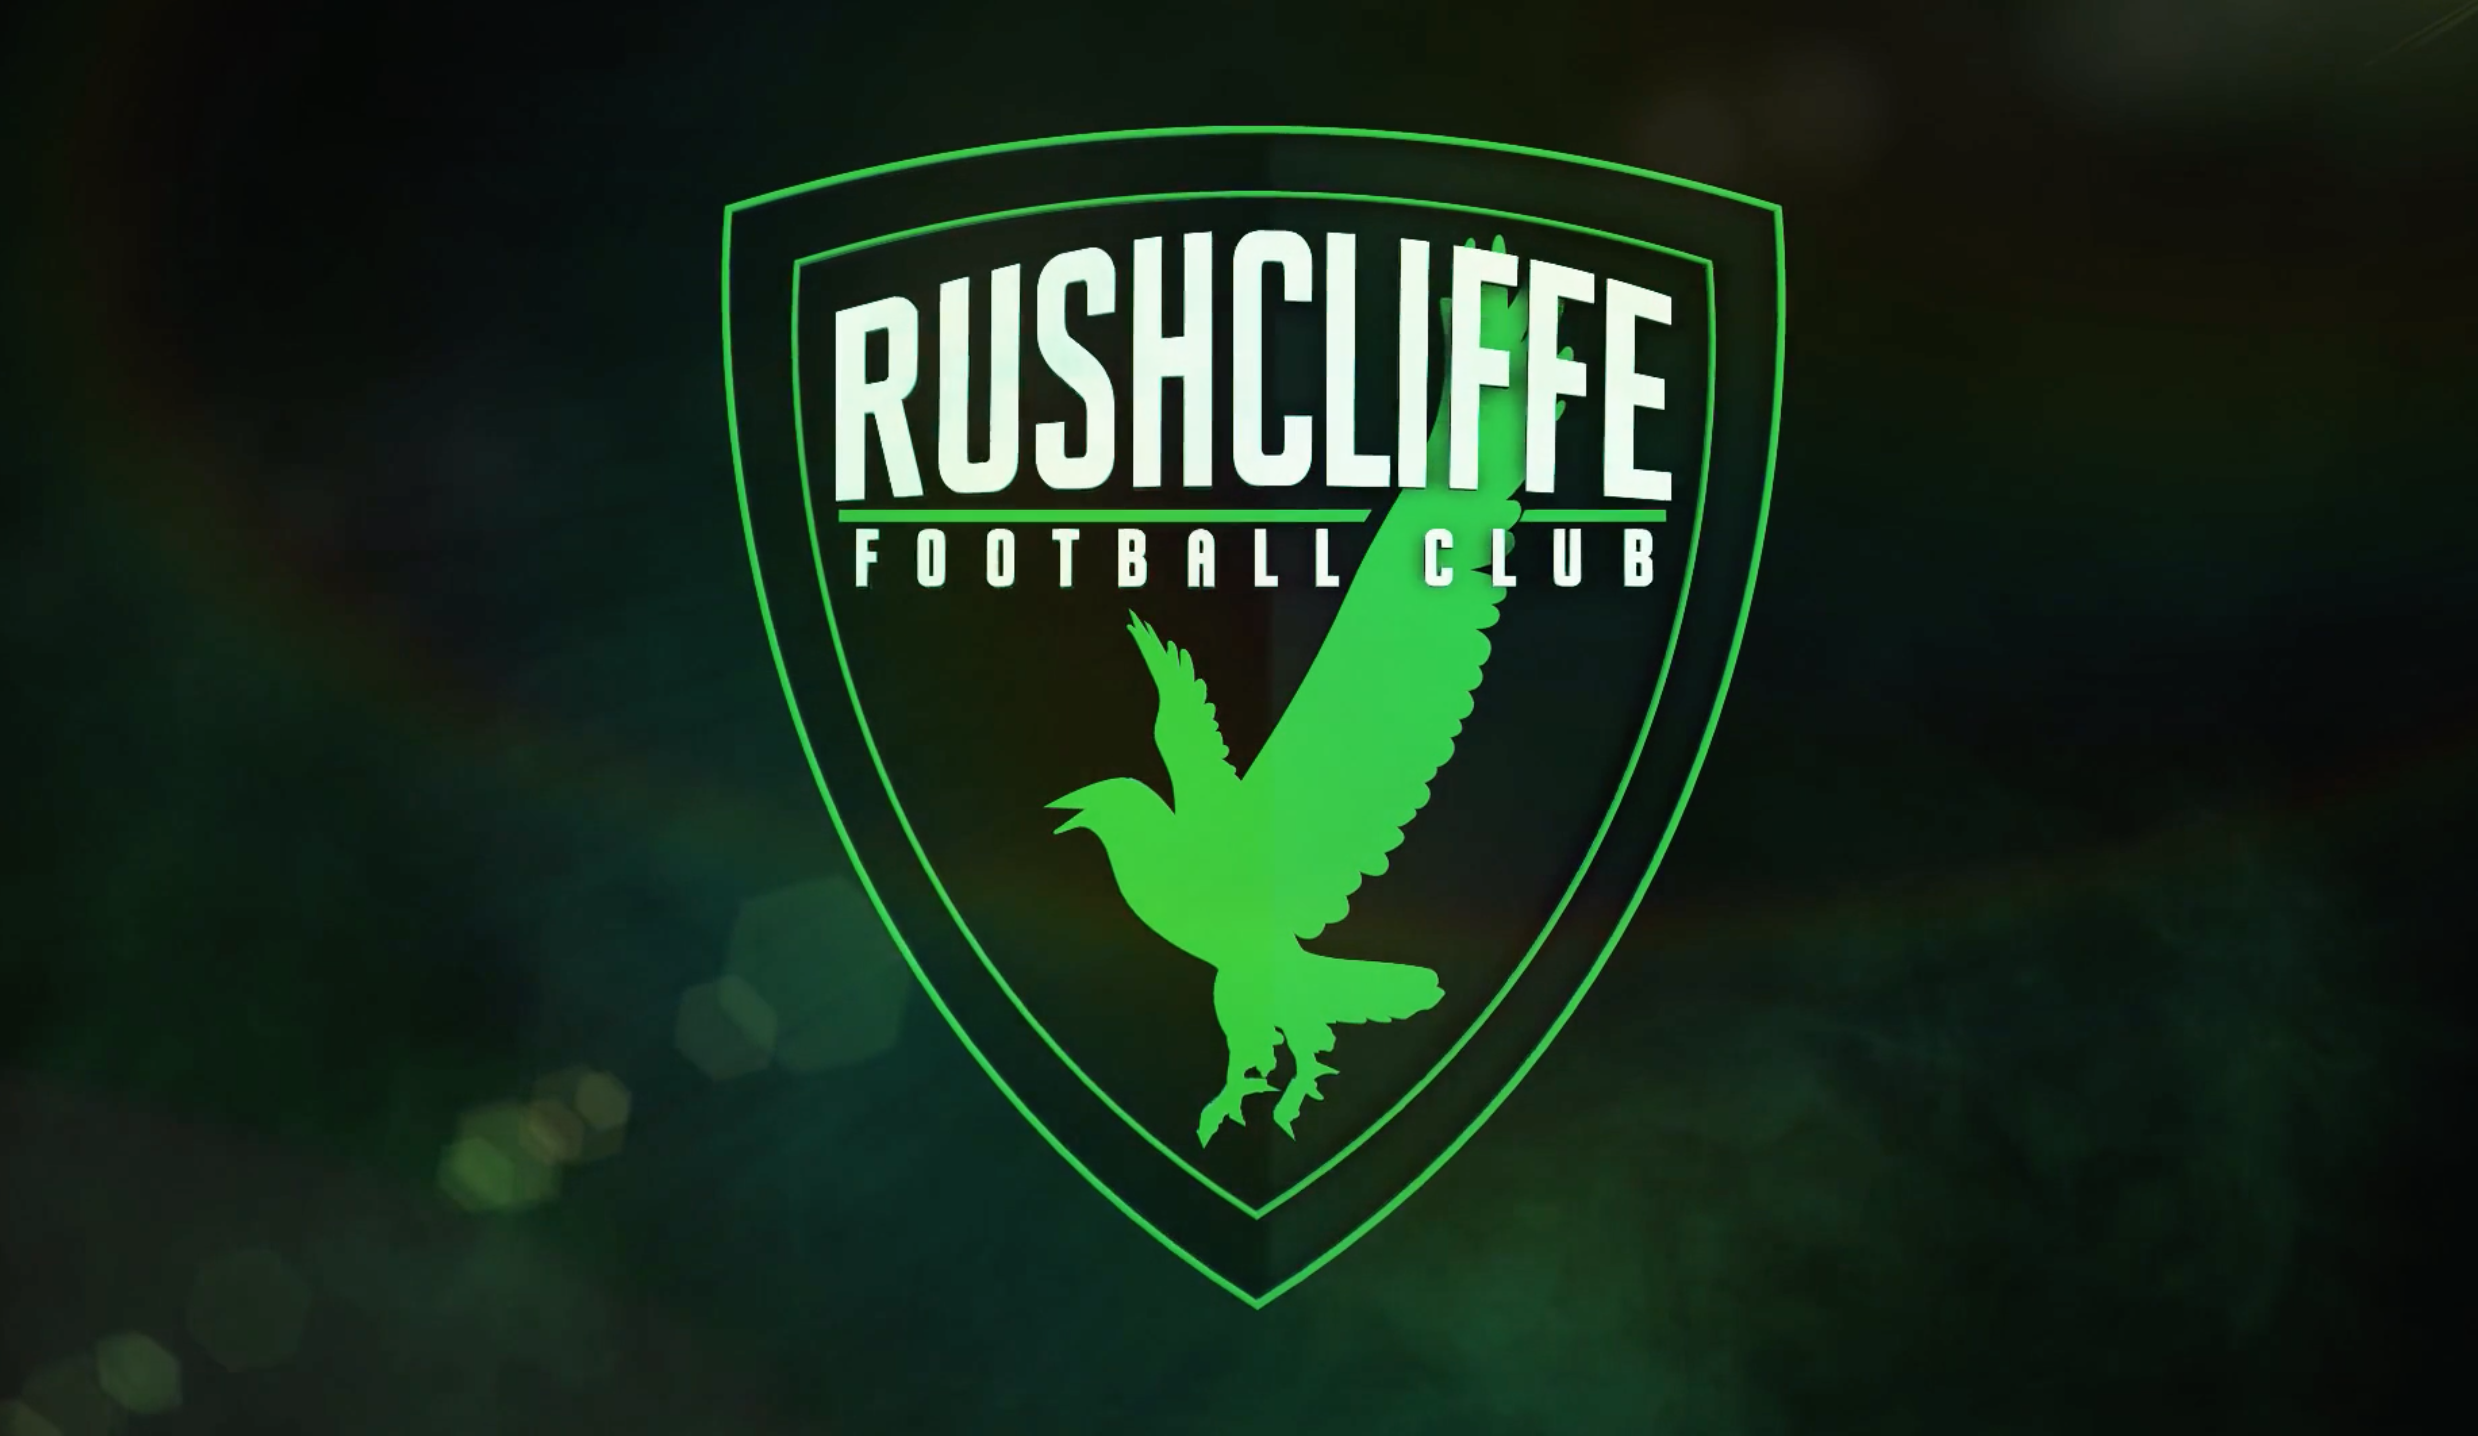 Design agency rushcliffe football club